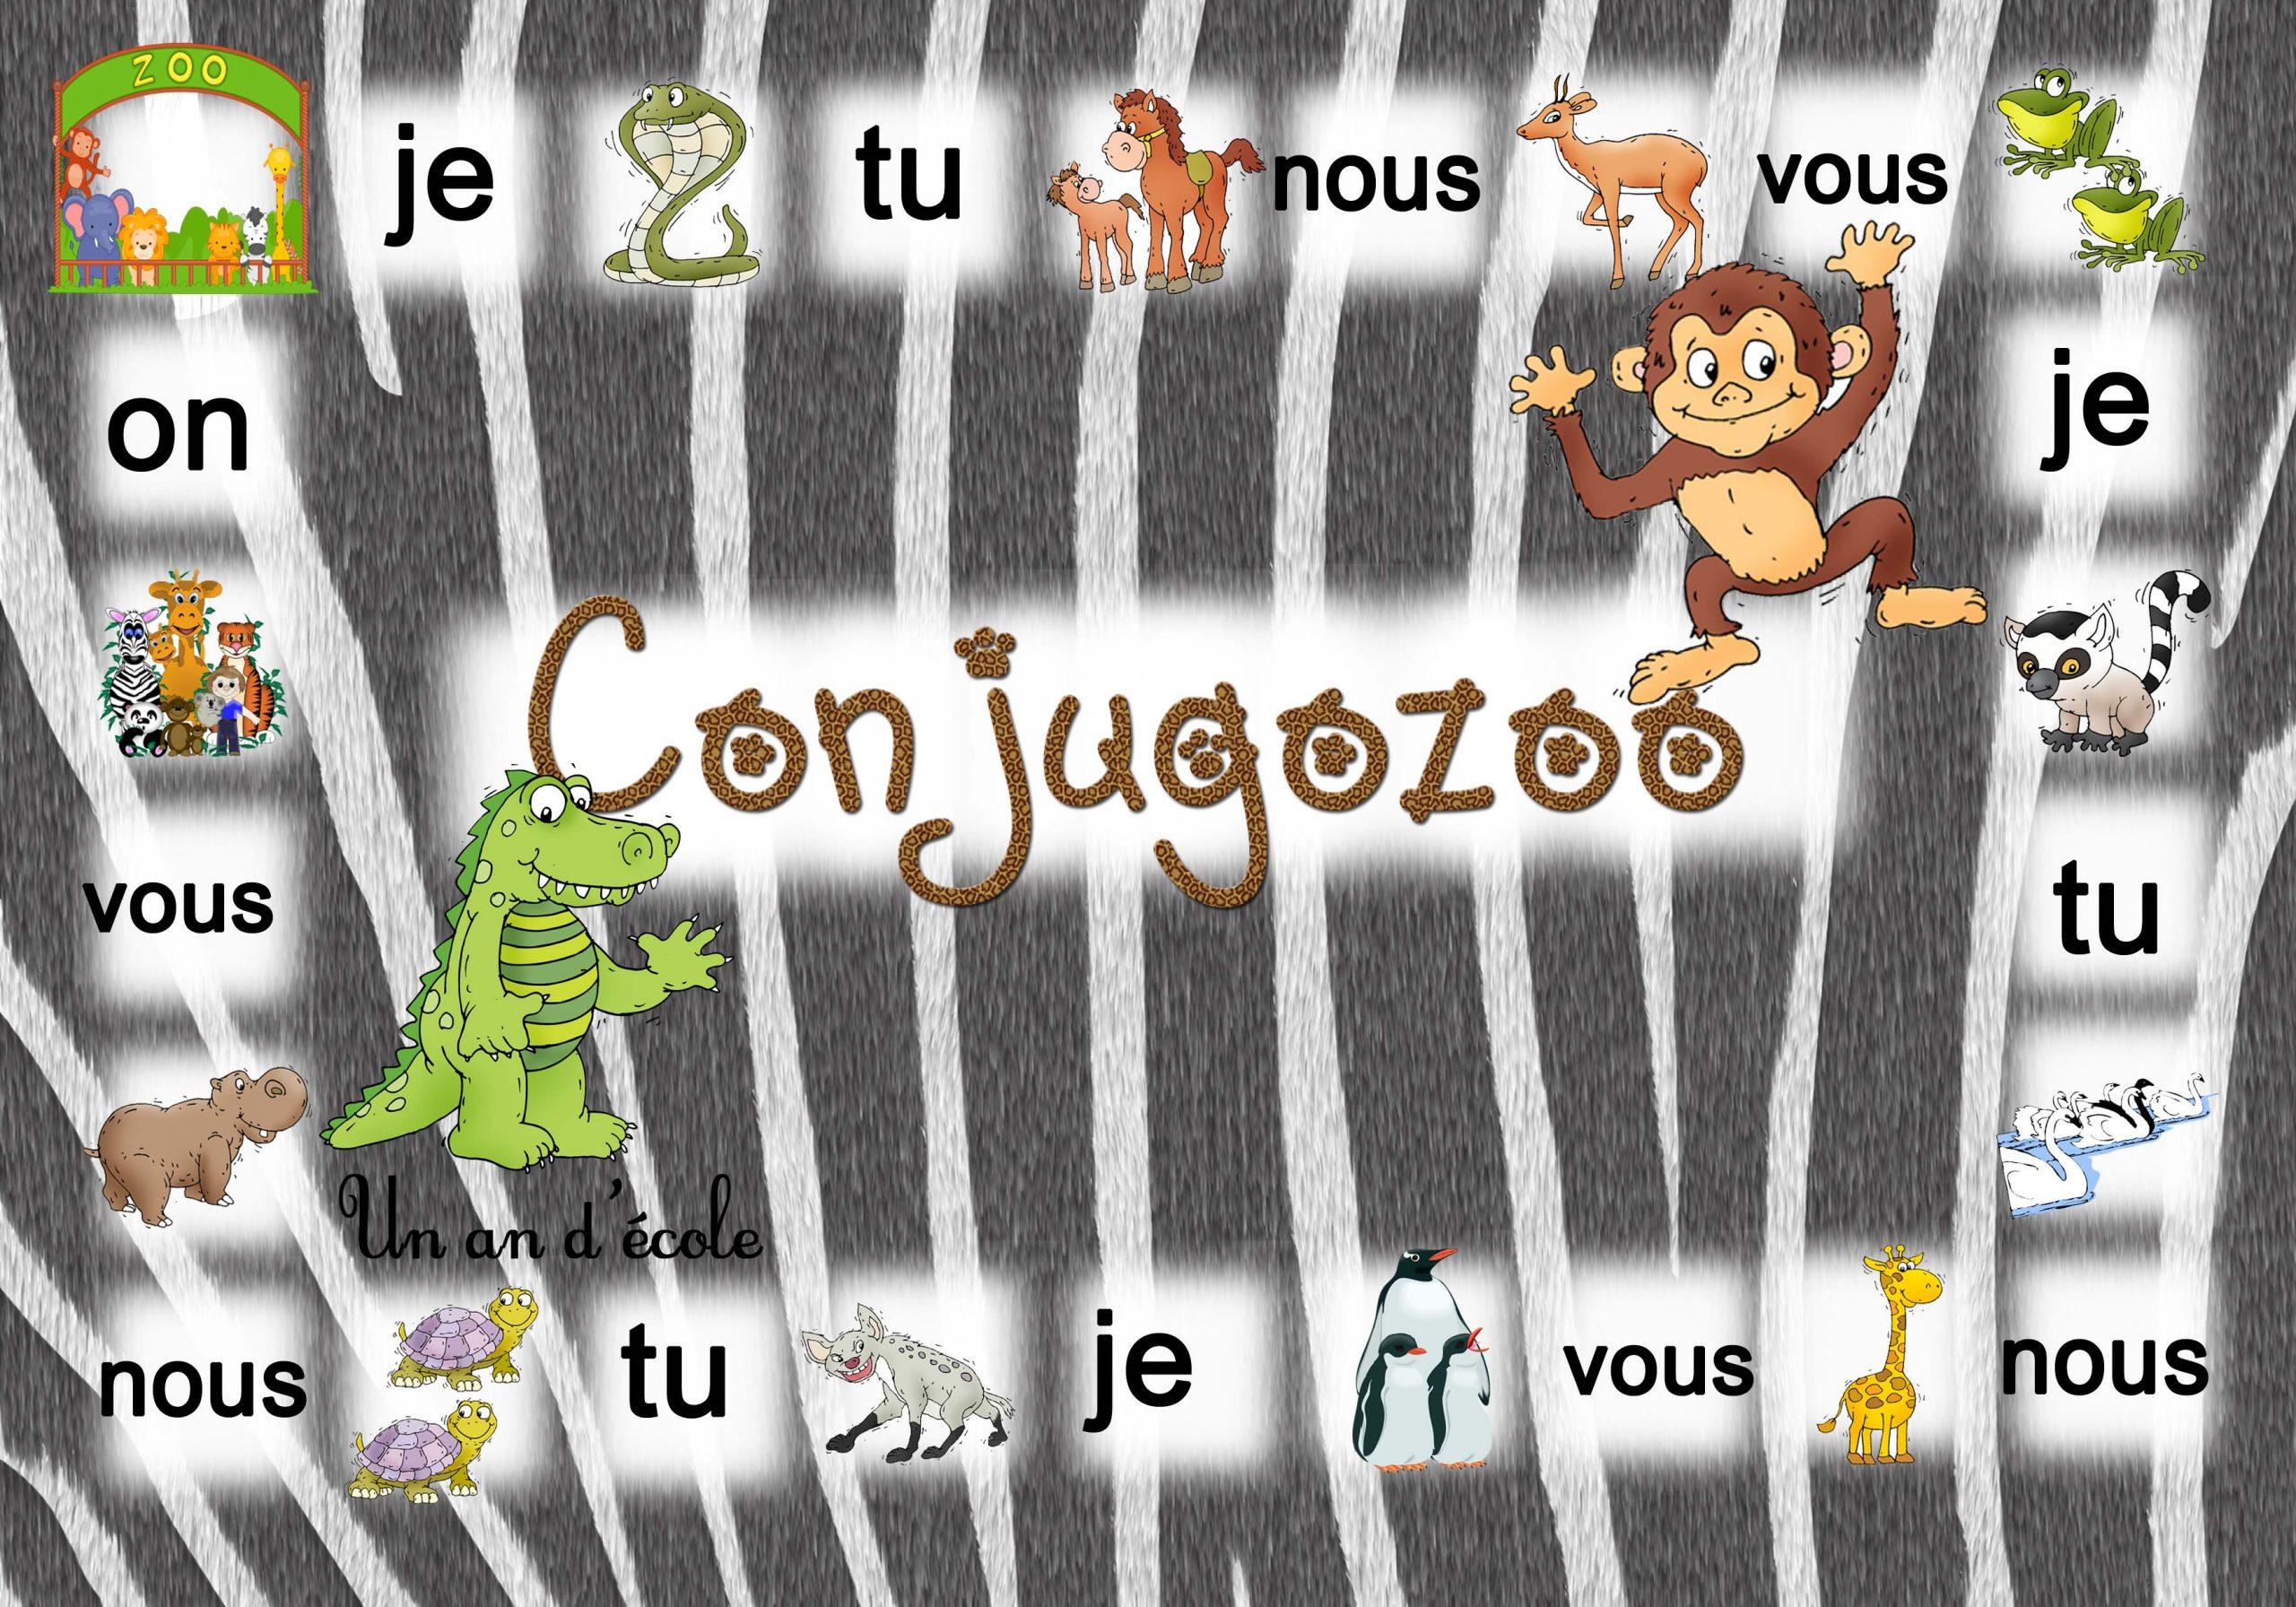 Conjugozoo : Jeu Pour Conjuguer Du Ce1 Au Cm2 En Passant Par intérieur Jeux Pour Cm2